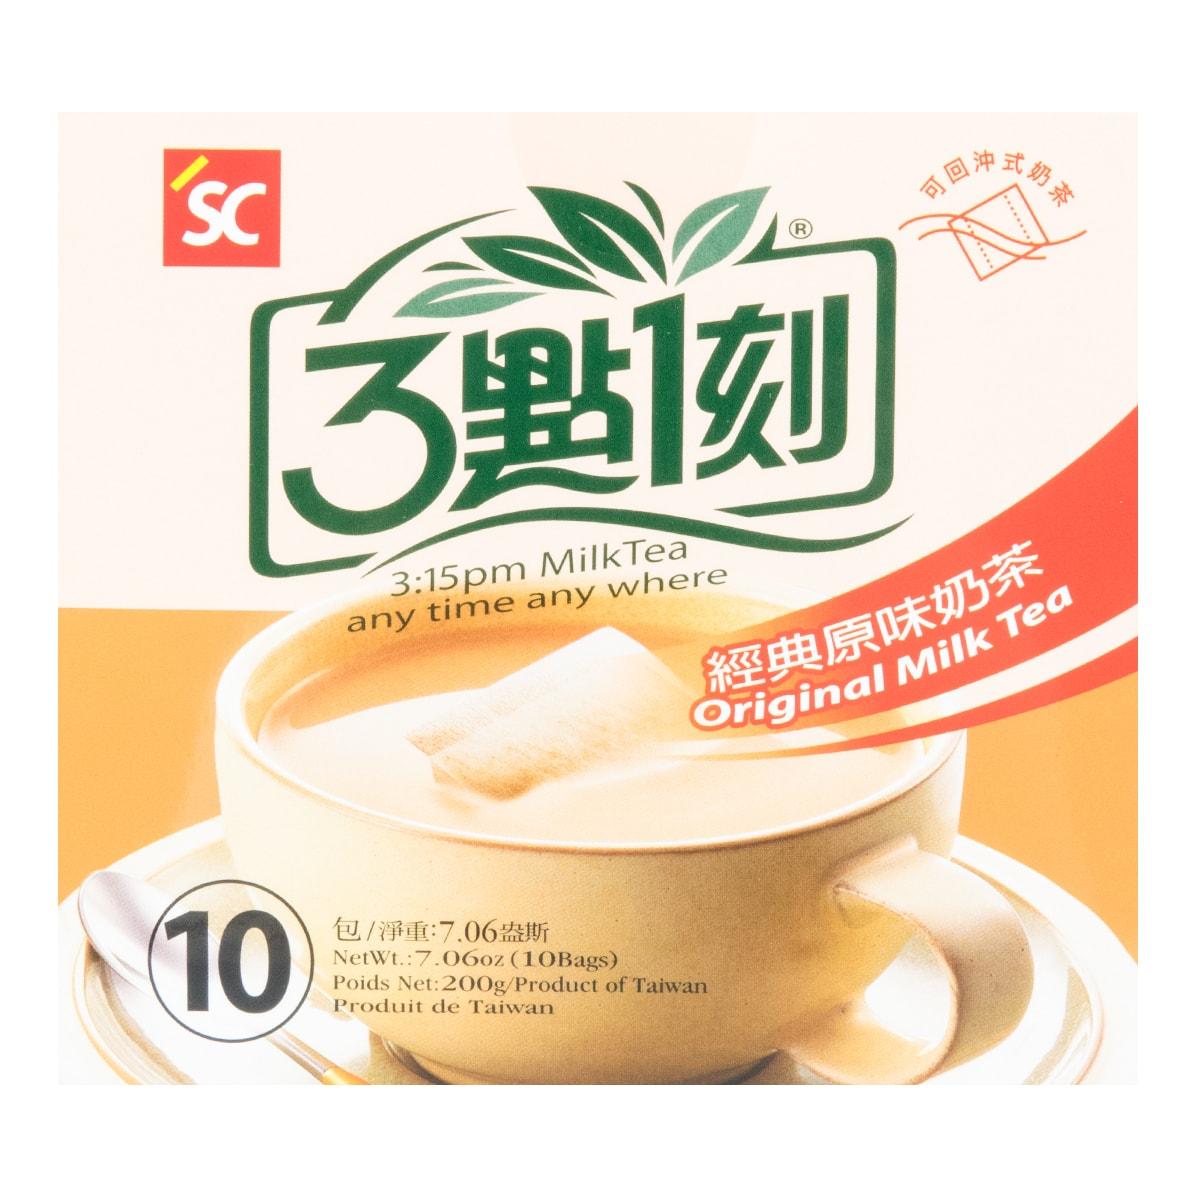 台湾三点一刻 经典原味奶茶 10包入 200g